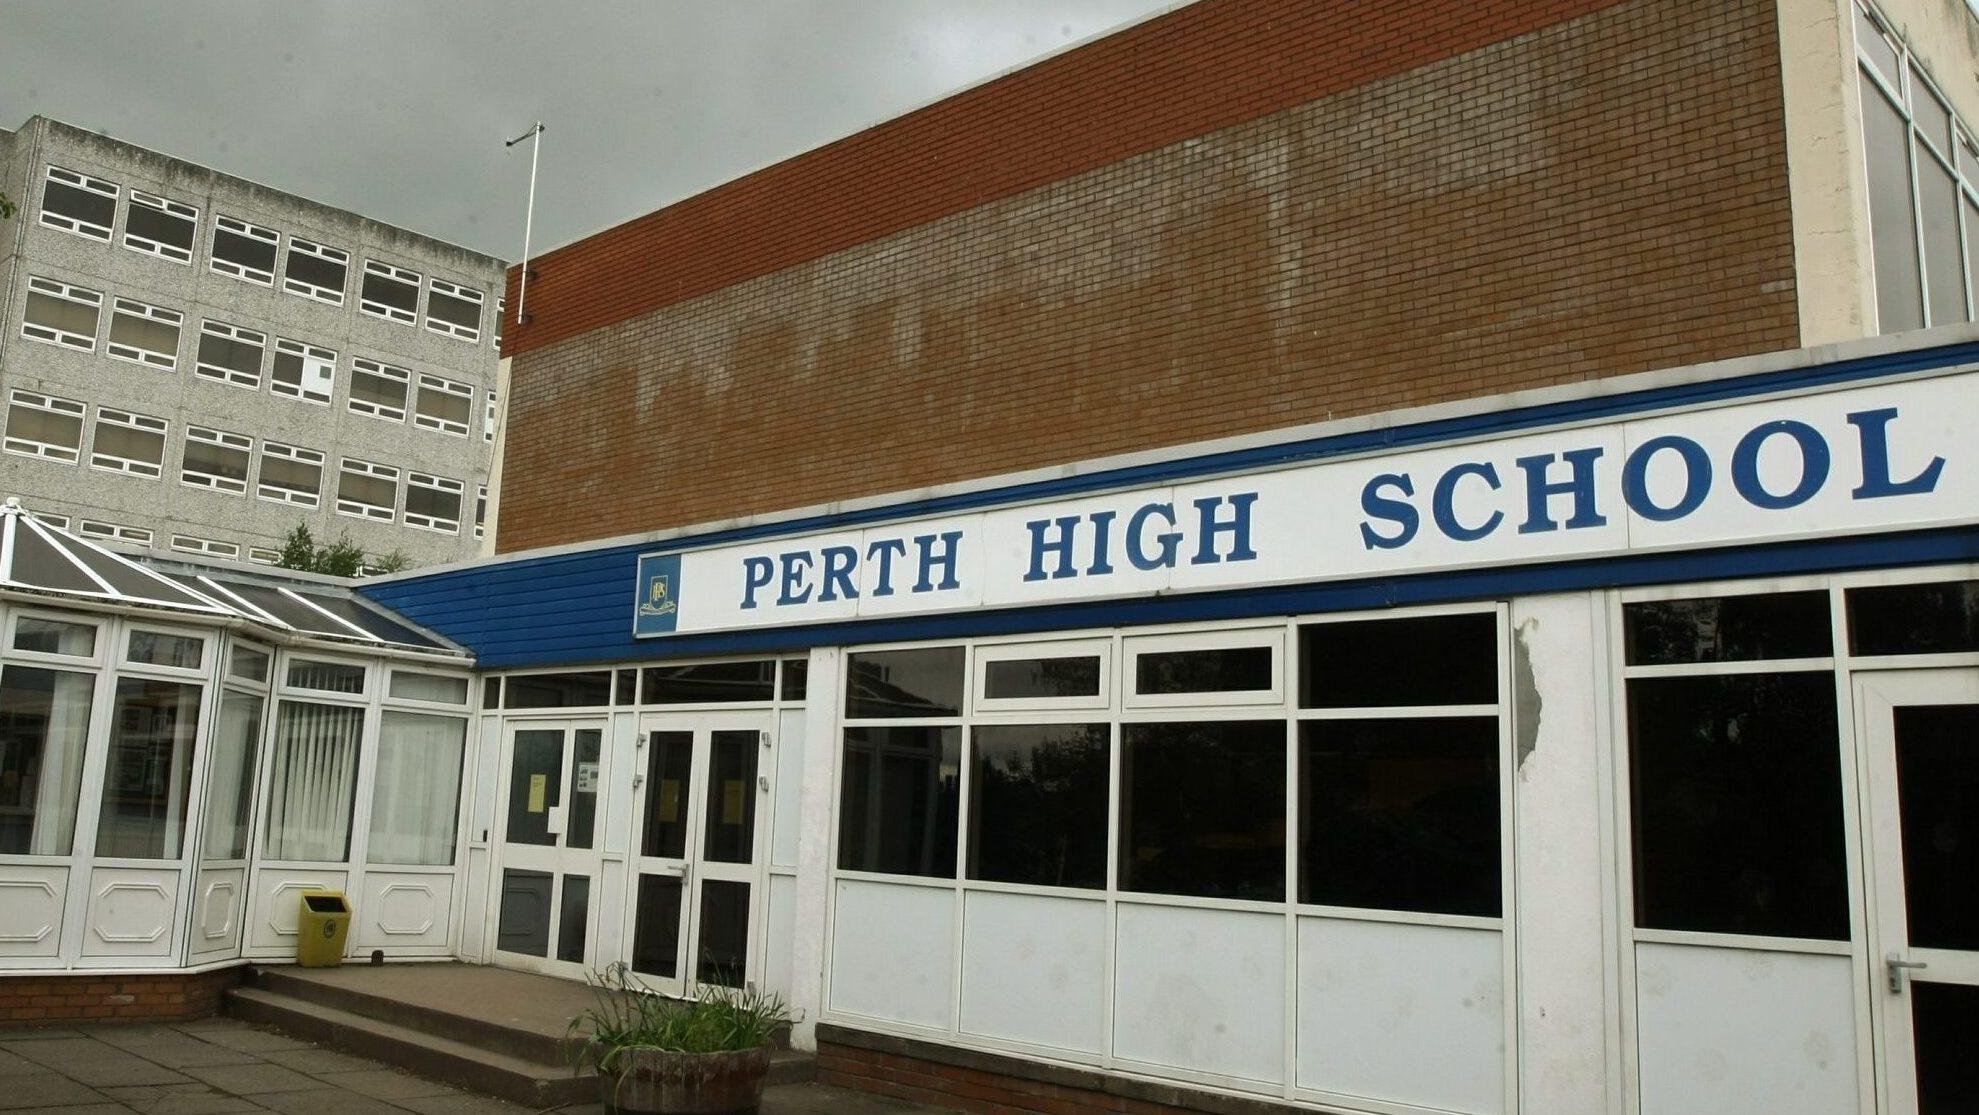 Perth High School.